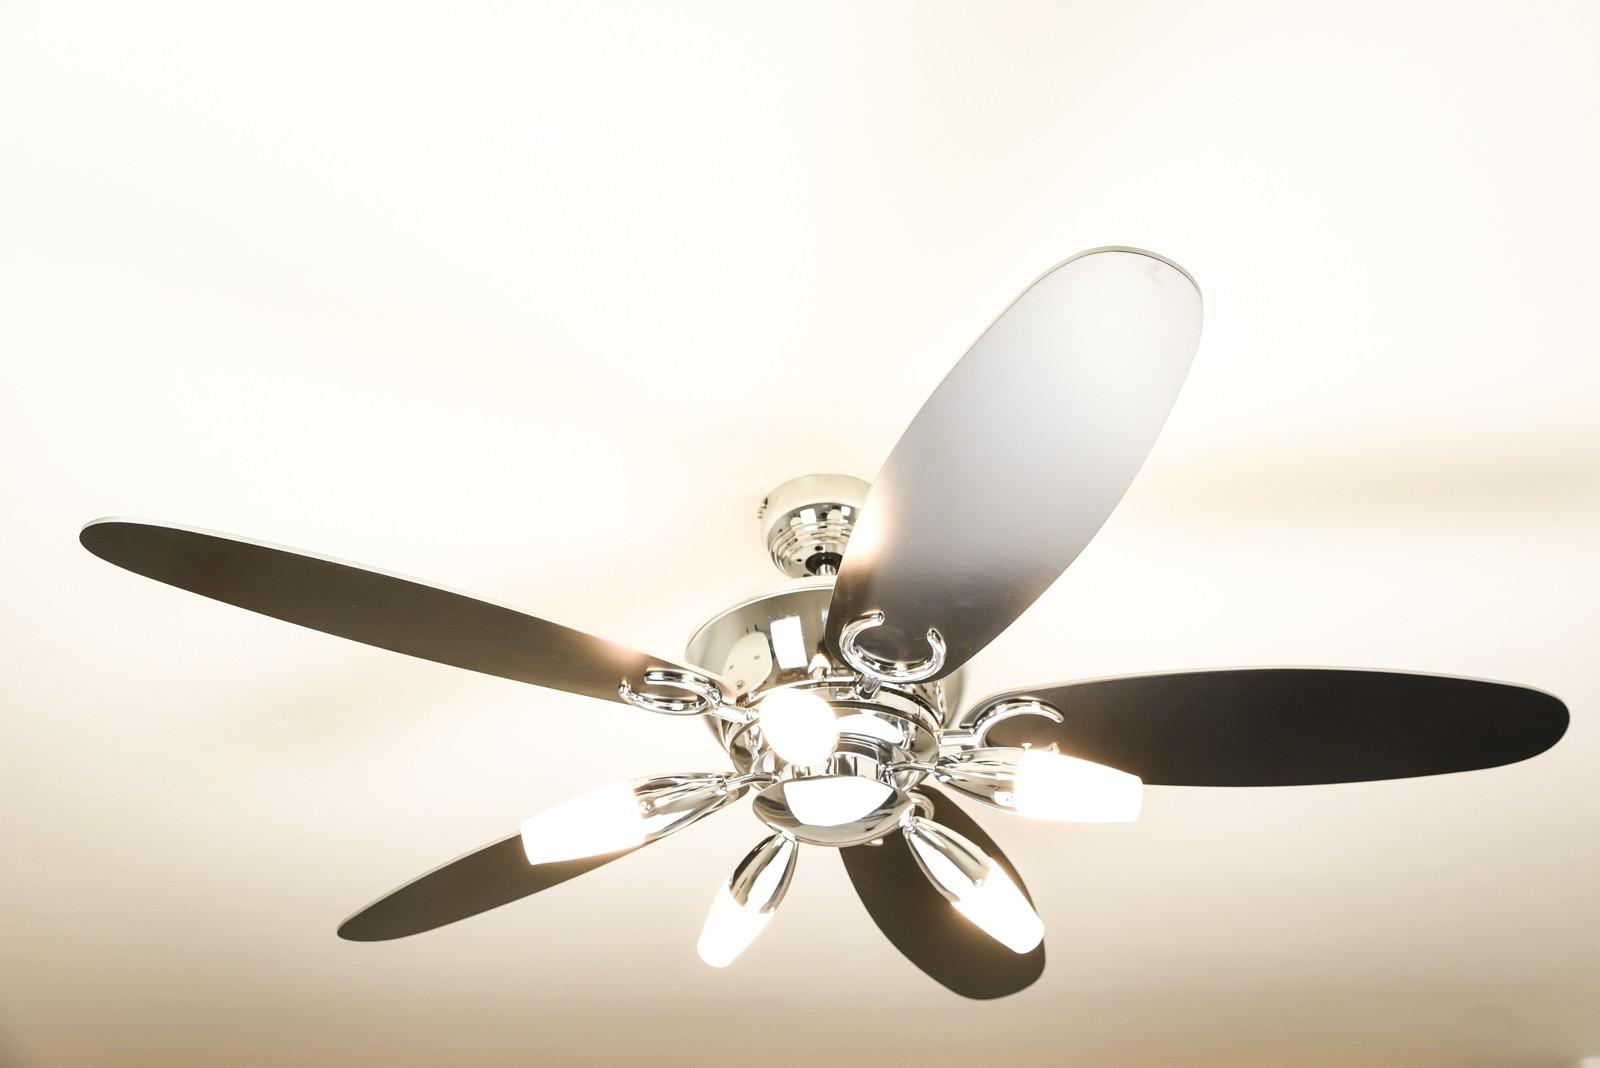 ceiling fan remote